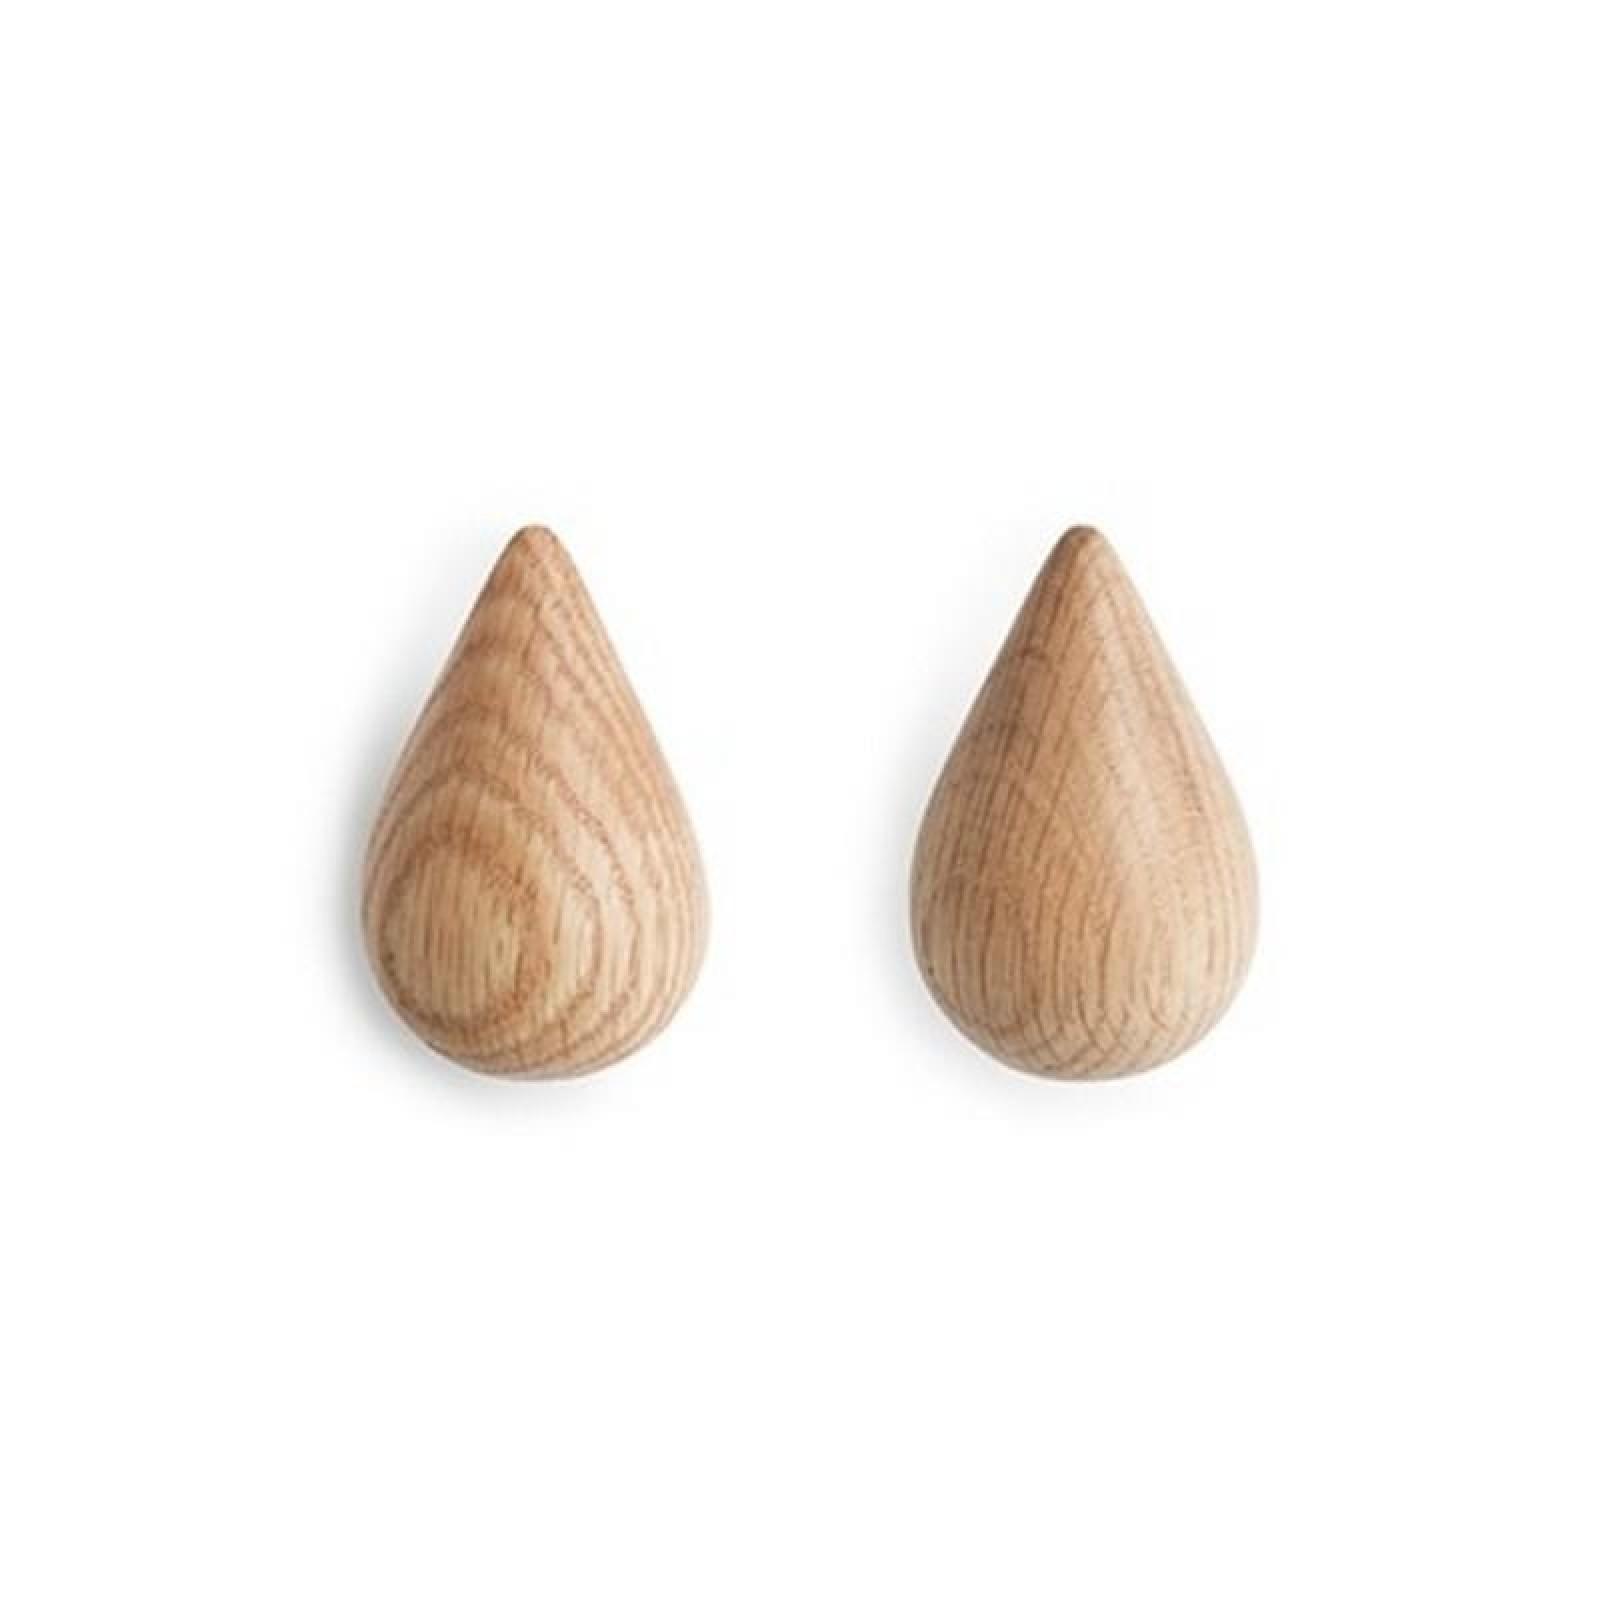 Dropit Small Hook Set of 2 (Natural Wood) - Normann Copenhagen